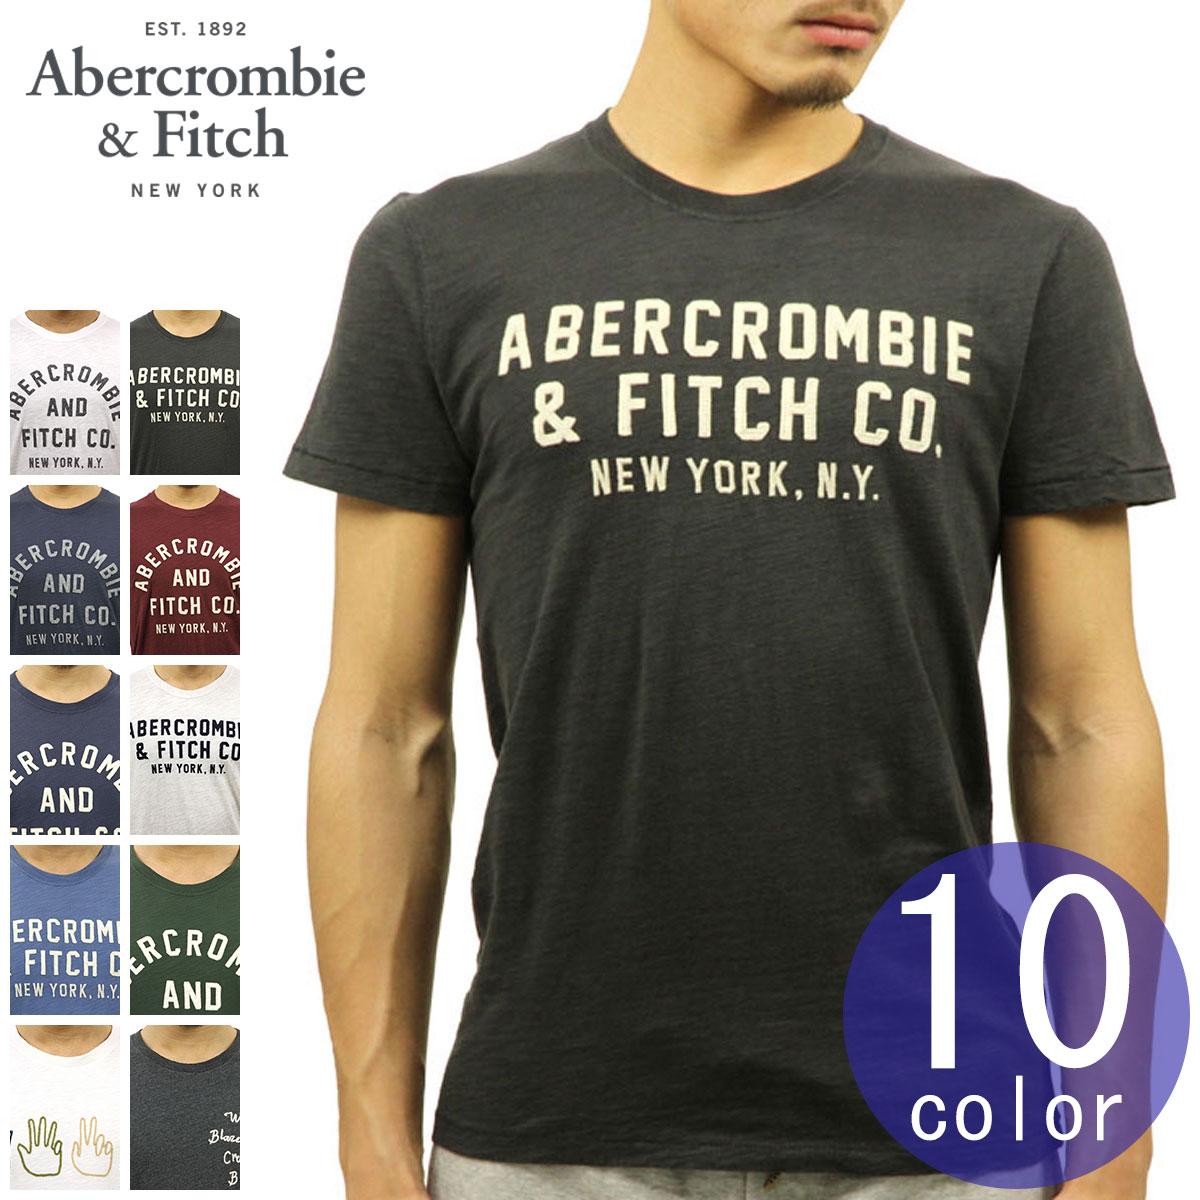 アバクロ Abercrombie&Fitch 正規品 メンズ クルーネック 半袖Tシャツ TEE